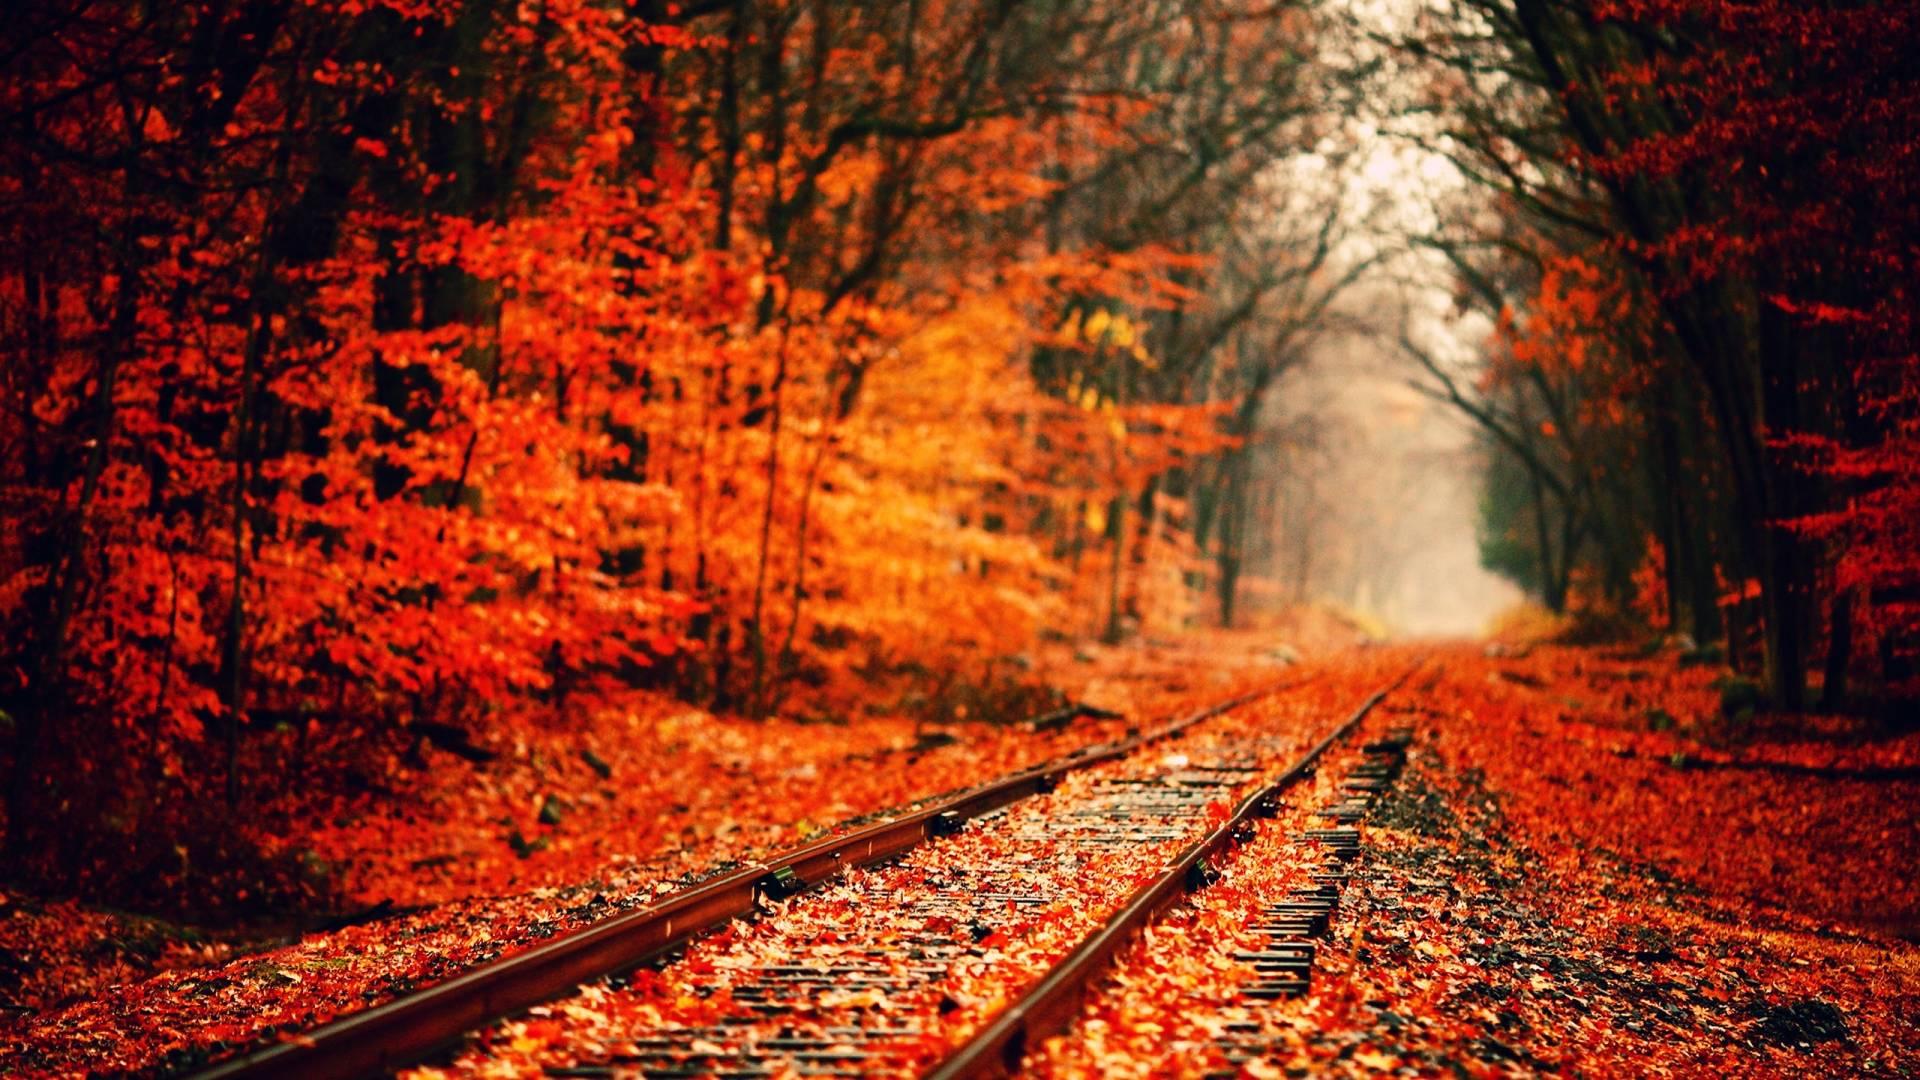 autumn wallpaper 007 free - photo #10